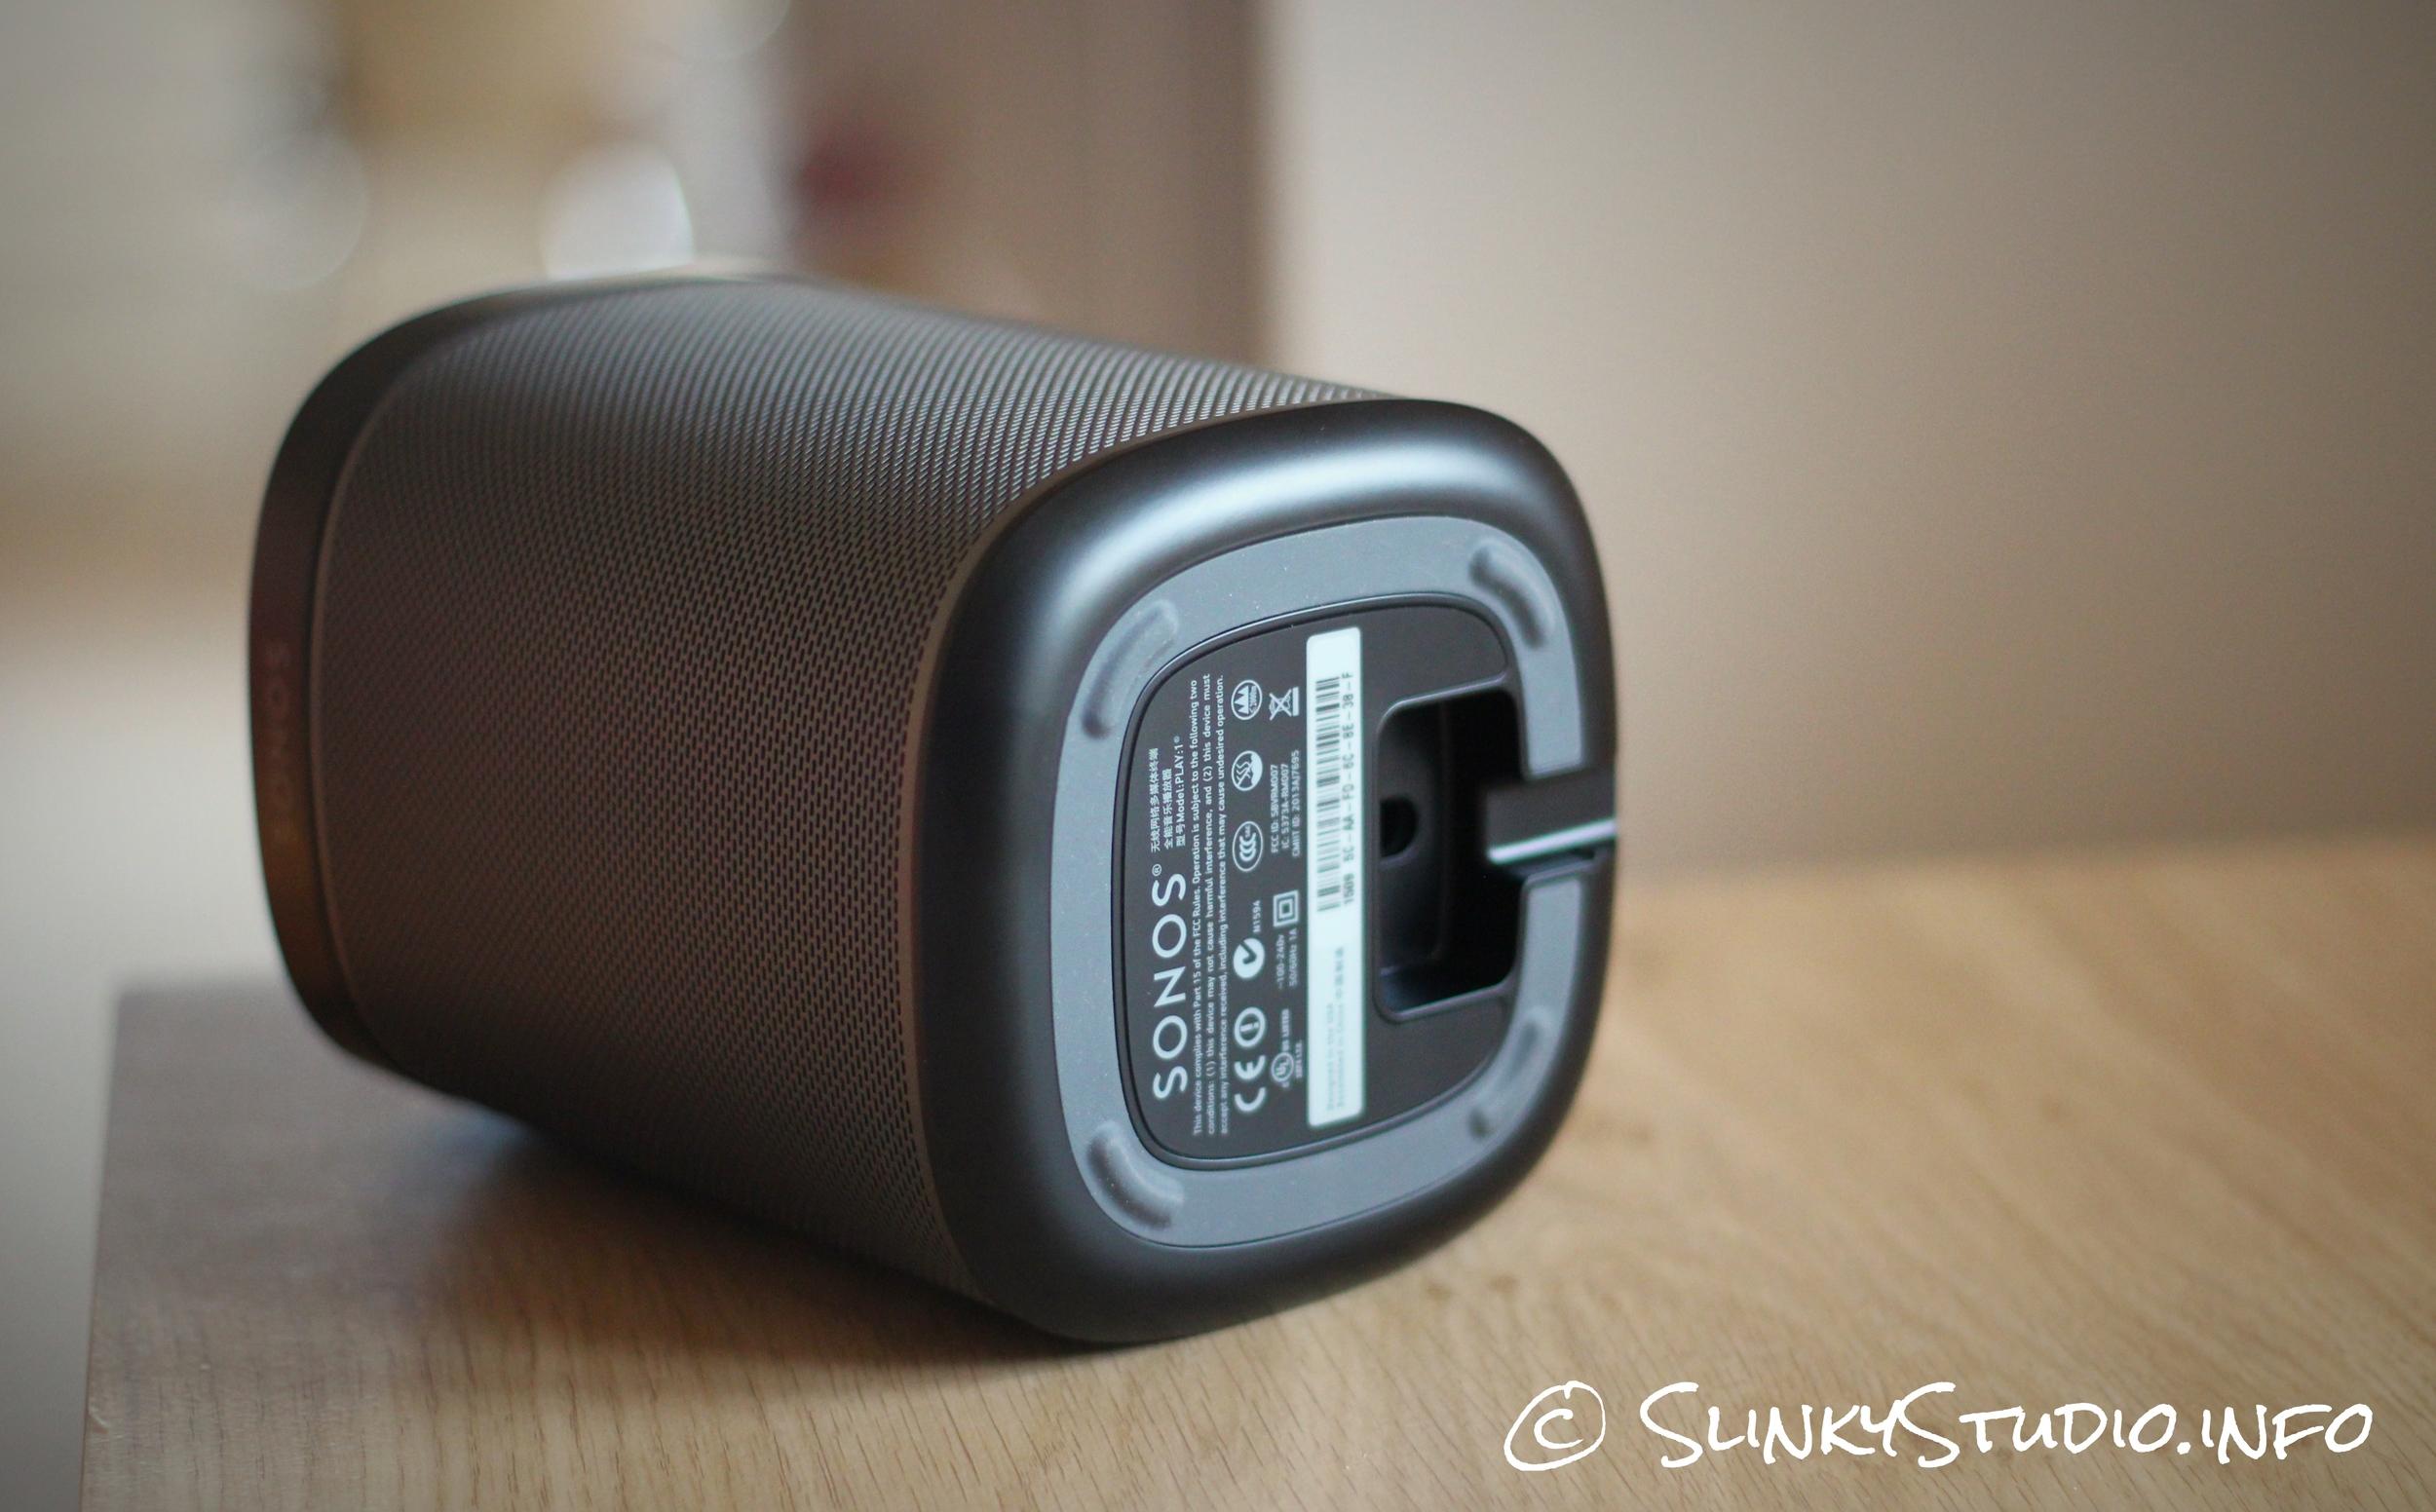 Sonos Play 1 Speaker Rubber Grips.jpg